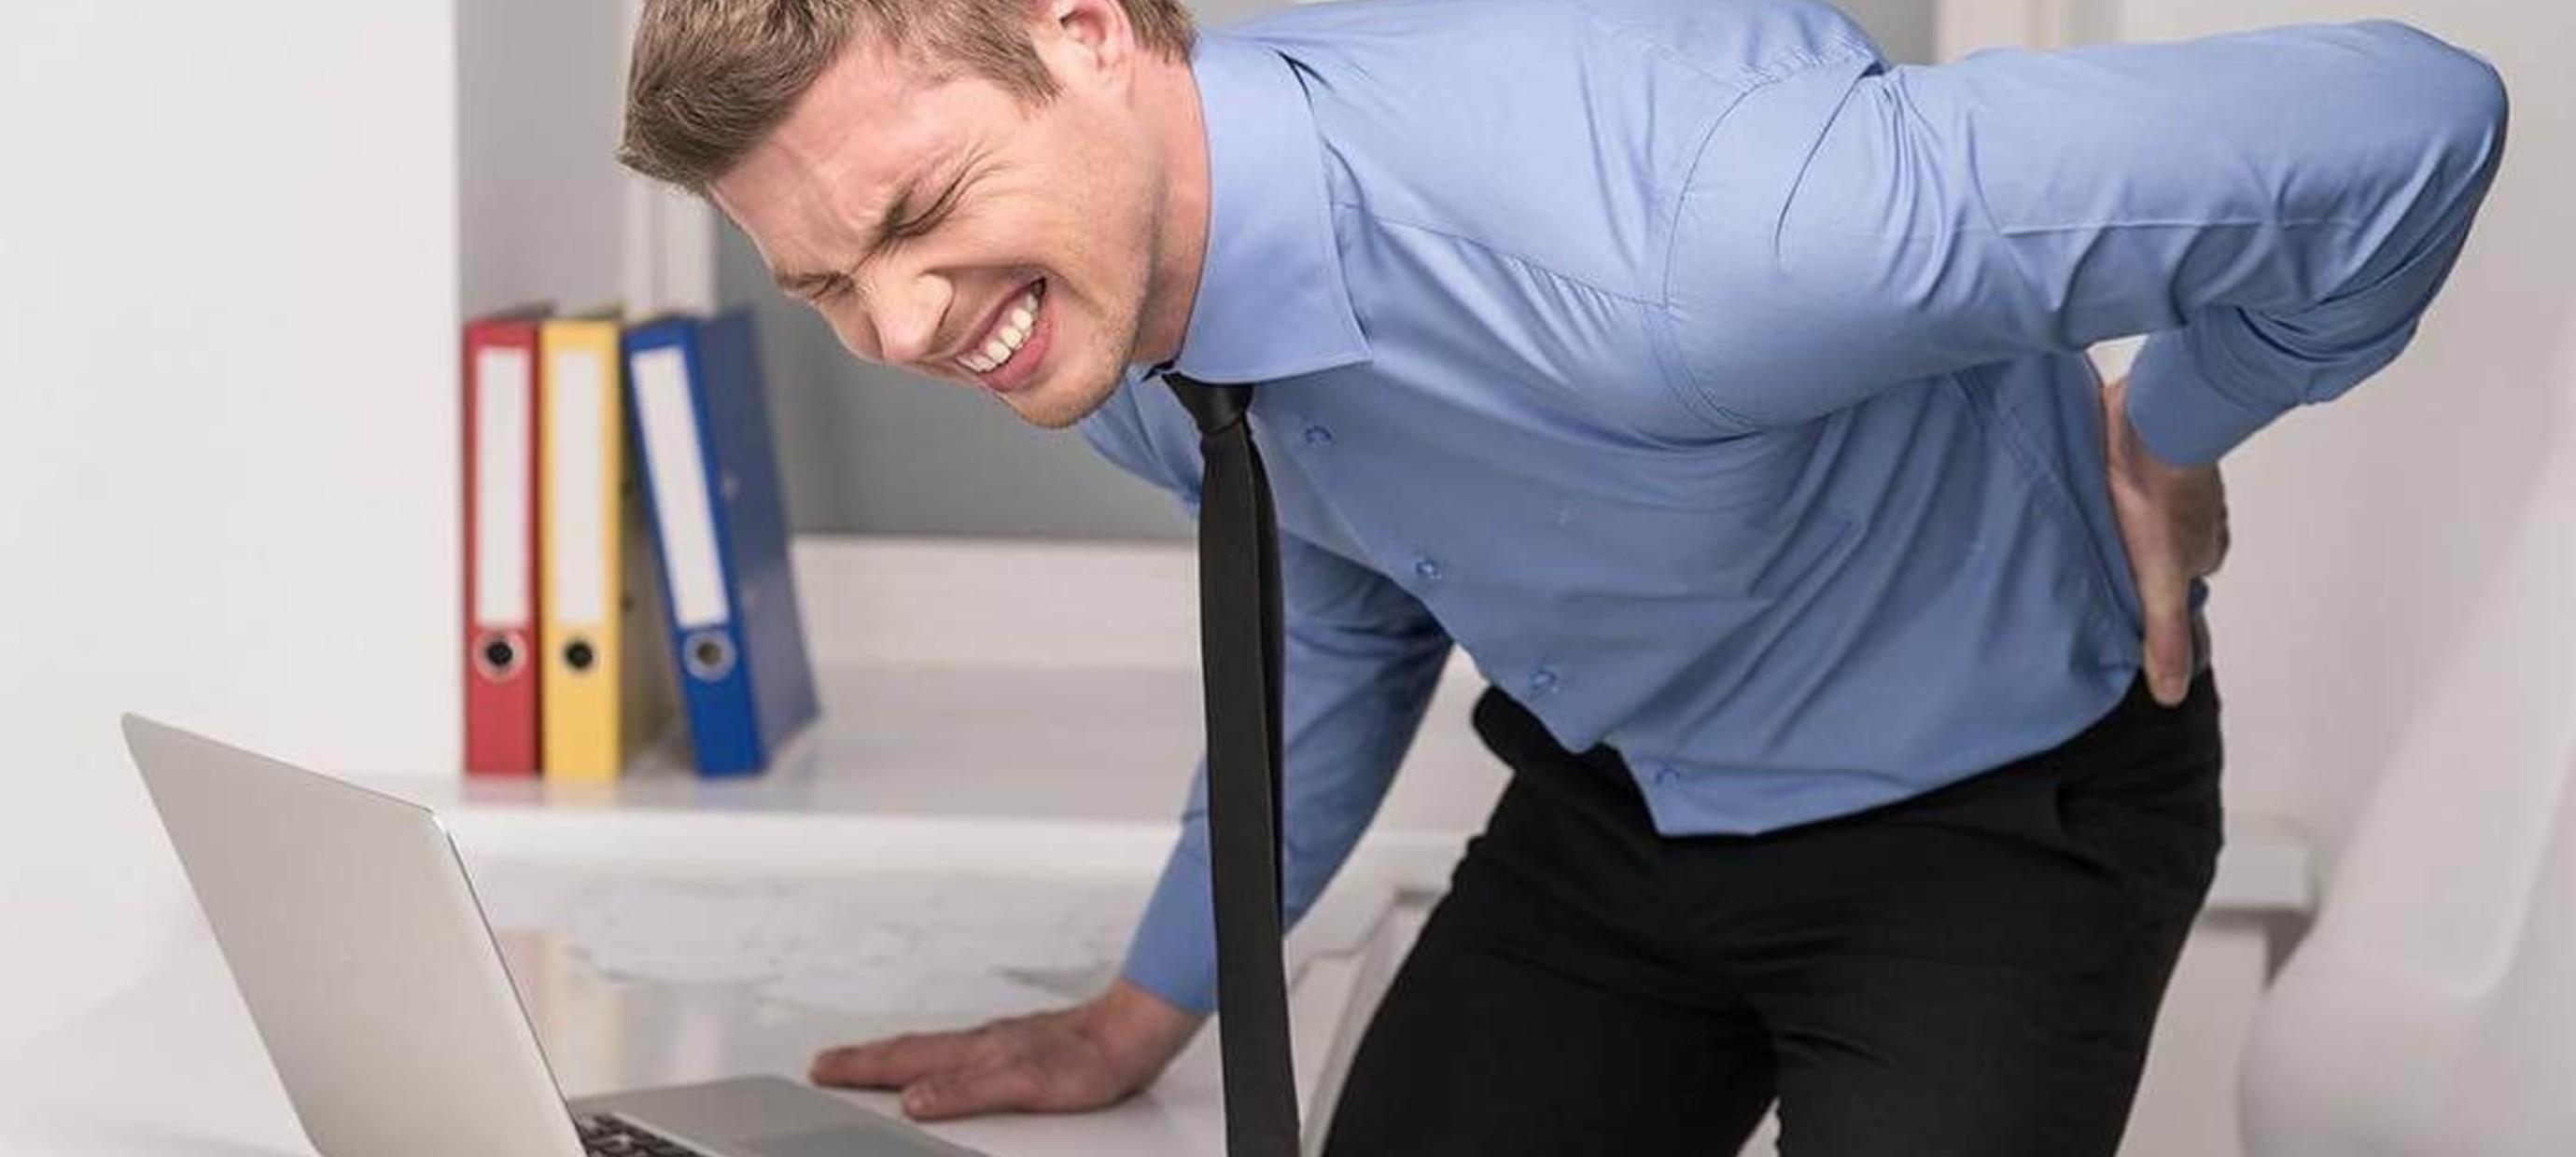 Fysiotherapeuten zien toename aantal klachten thuiswerkers.